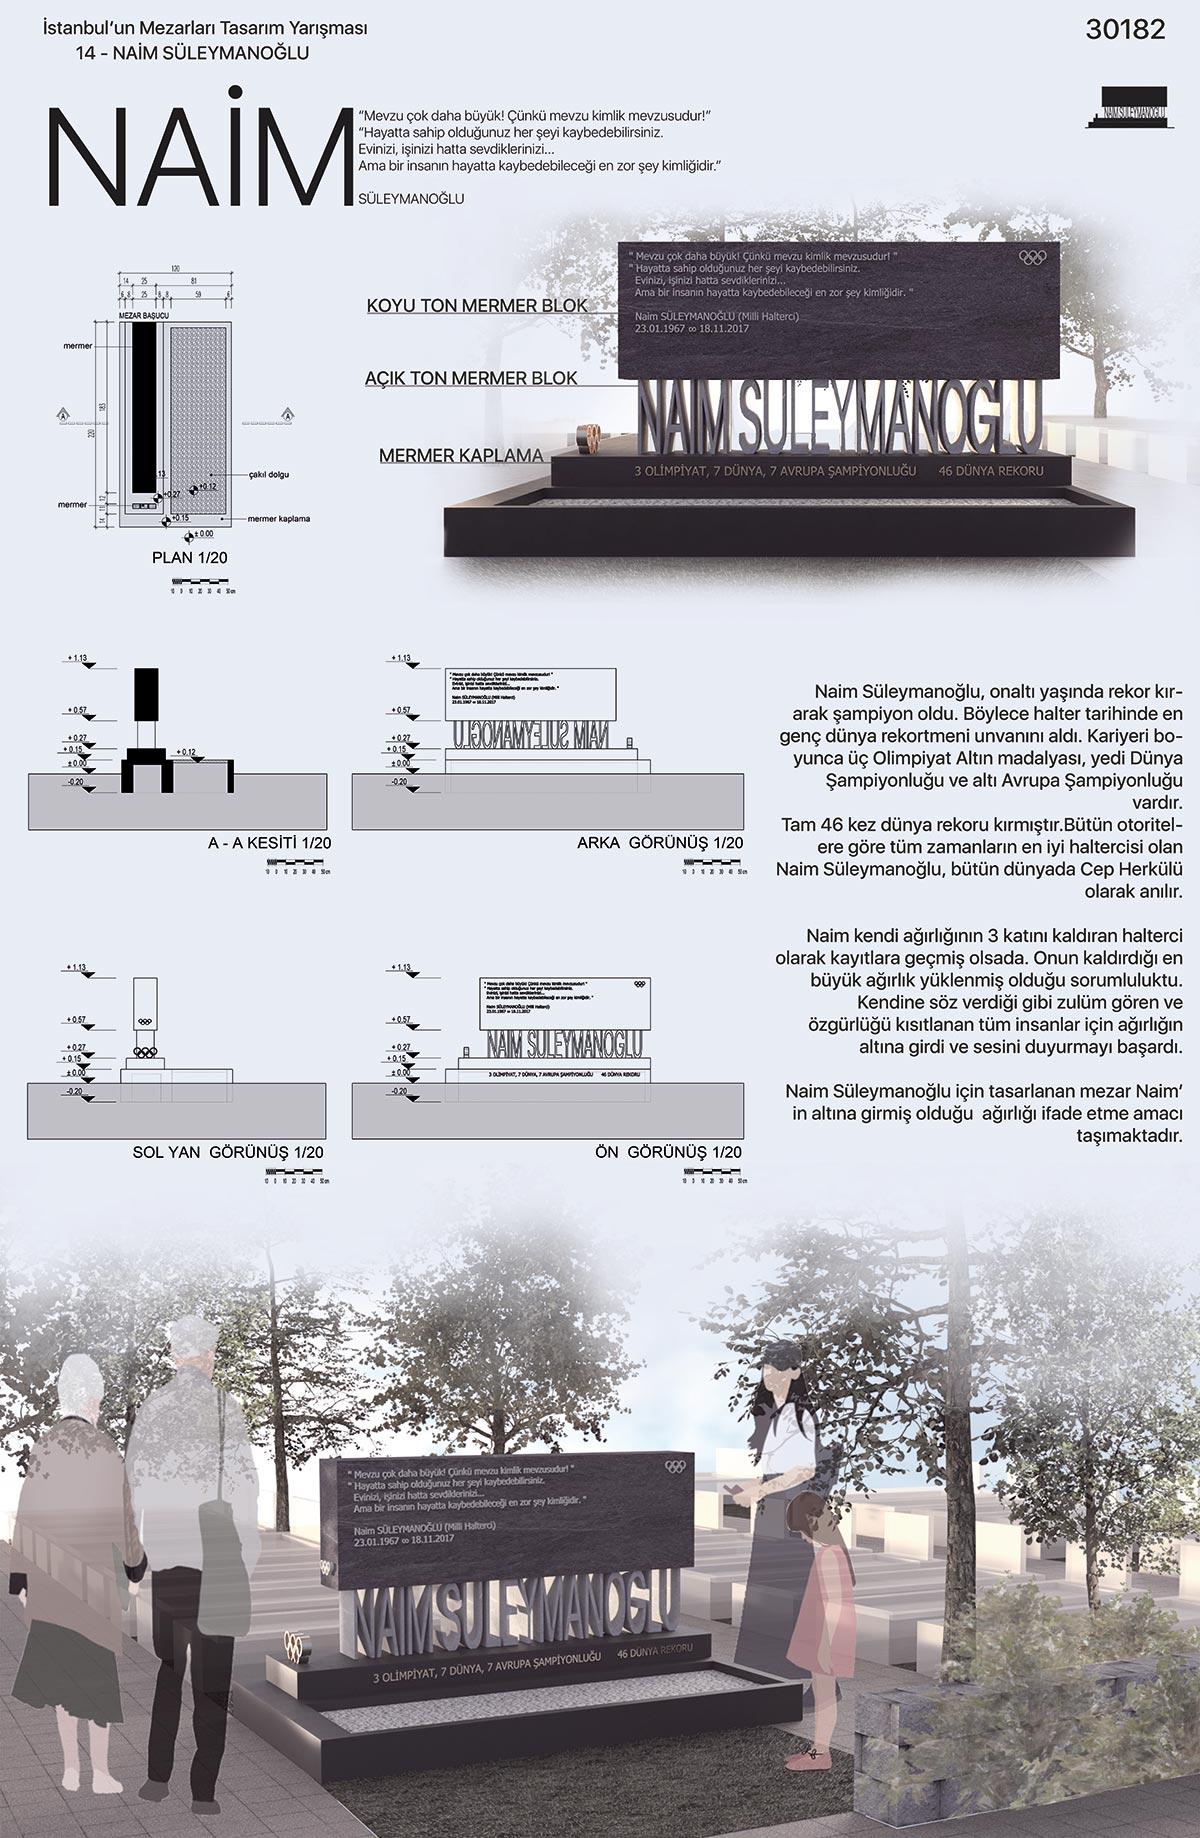 Naim Süleymanoğlu İstanbul'un Mezarları Tasarım Yarışması İkincilik Paftası